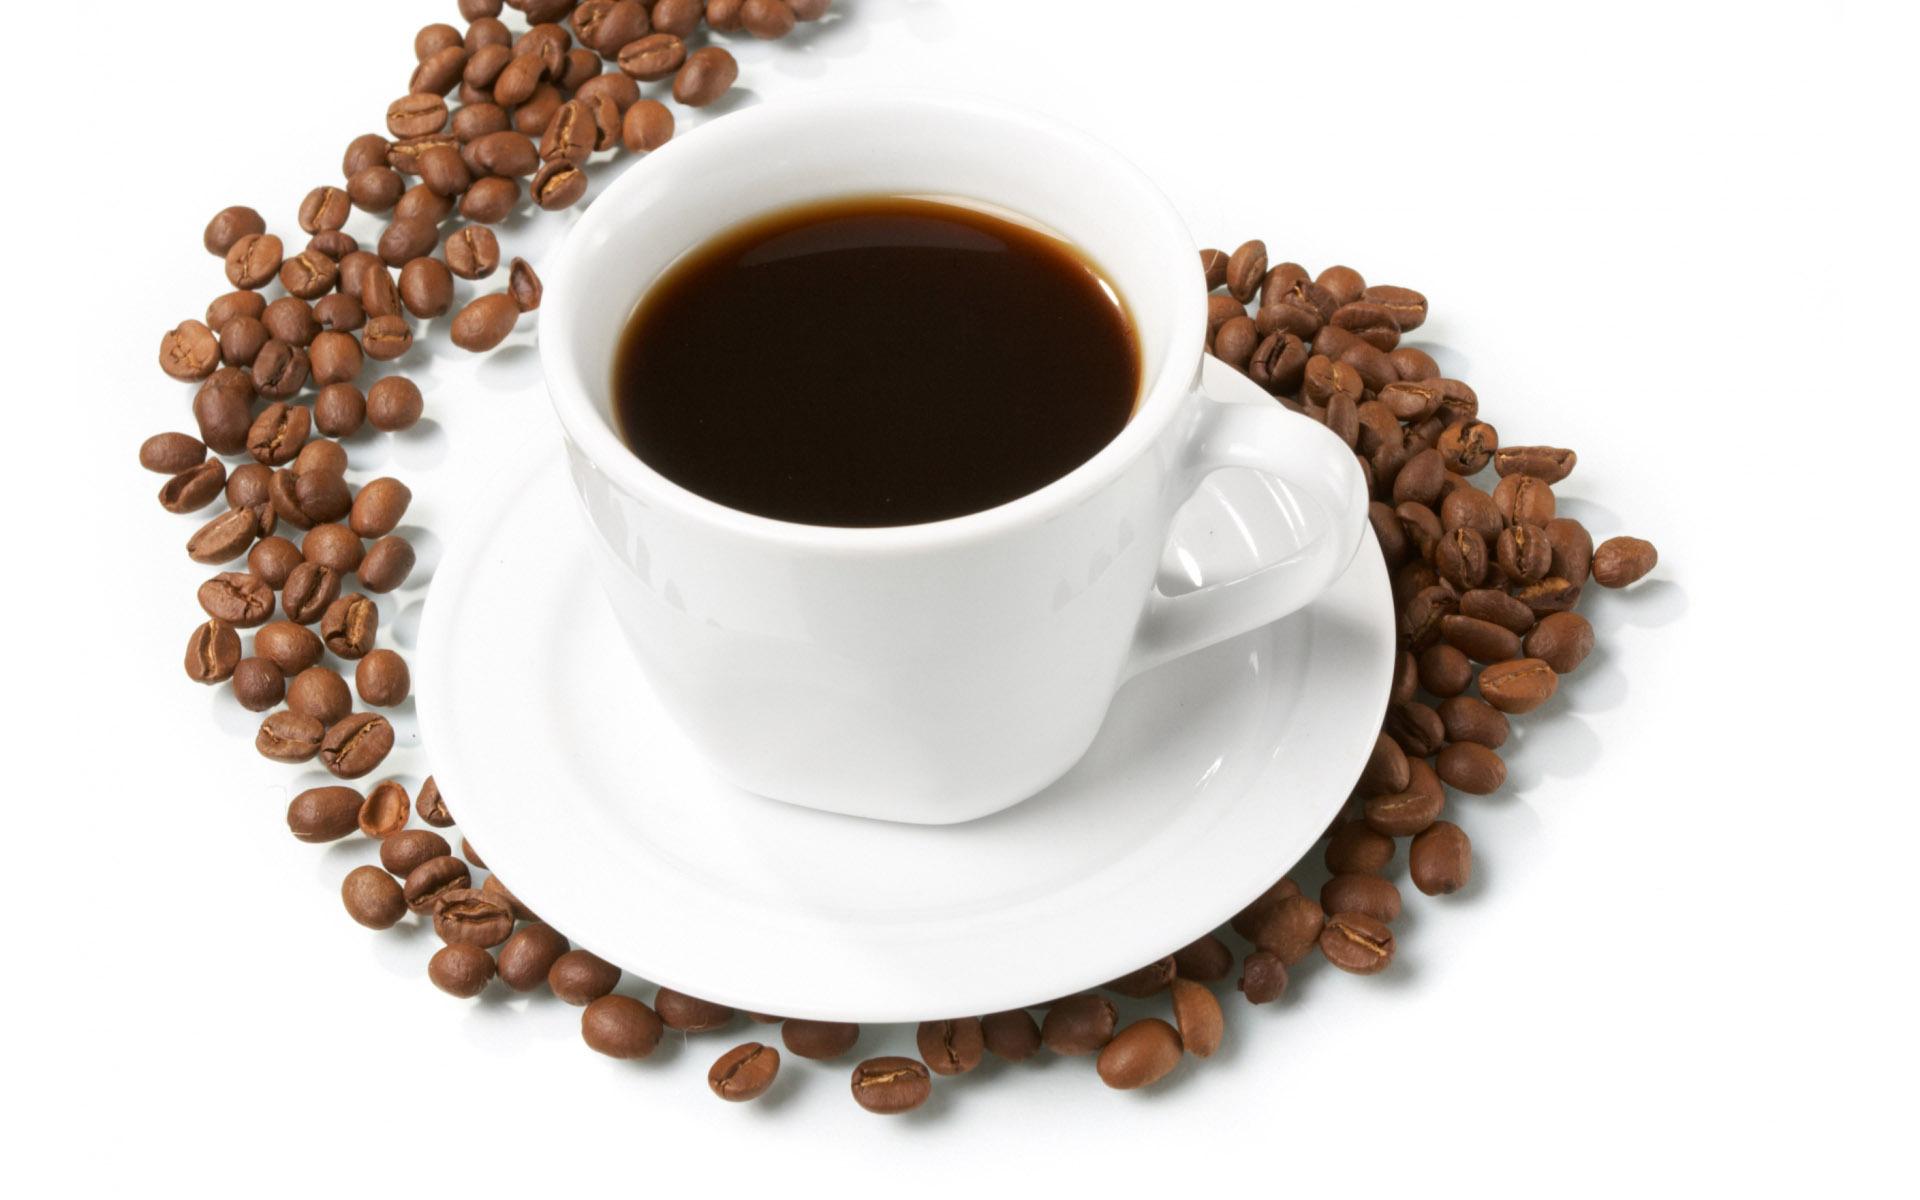 Phân loại hạt cà phê nguyê chất làm tăng chất lượng của cà phê thành phẩm